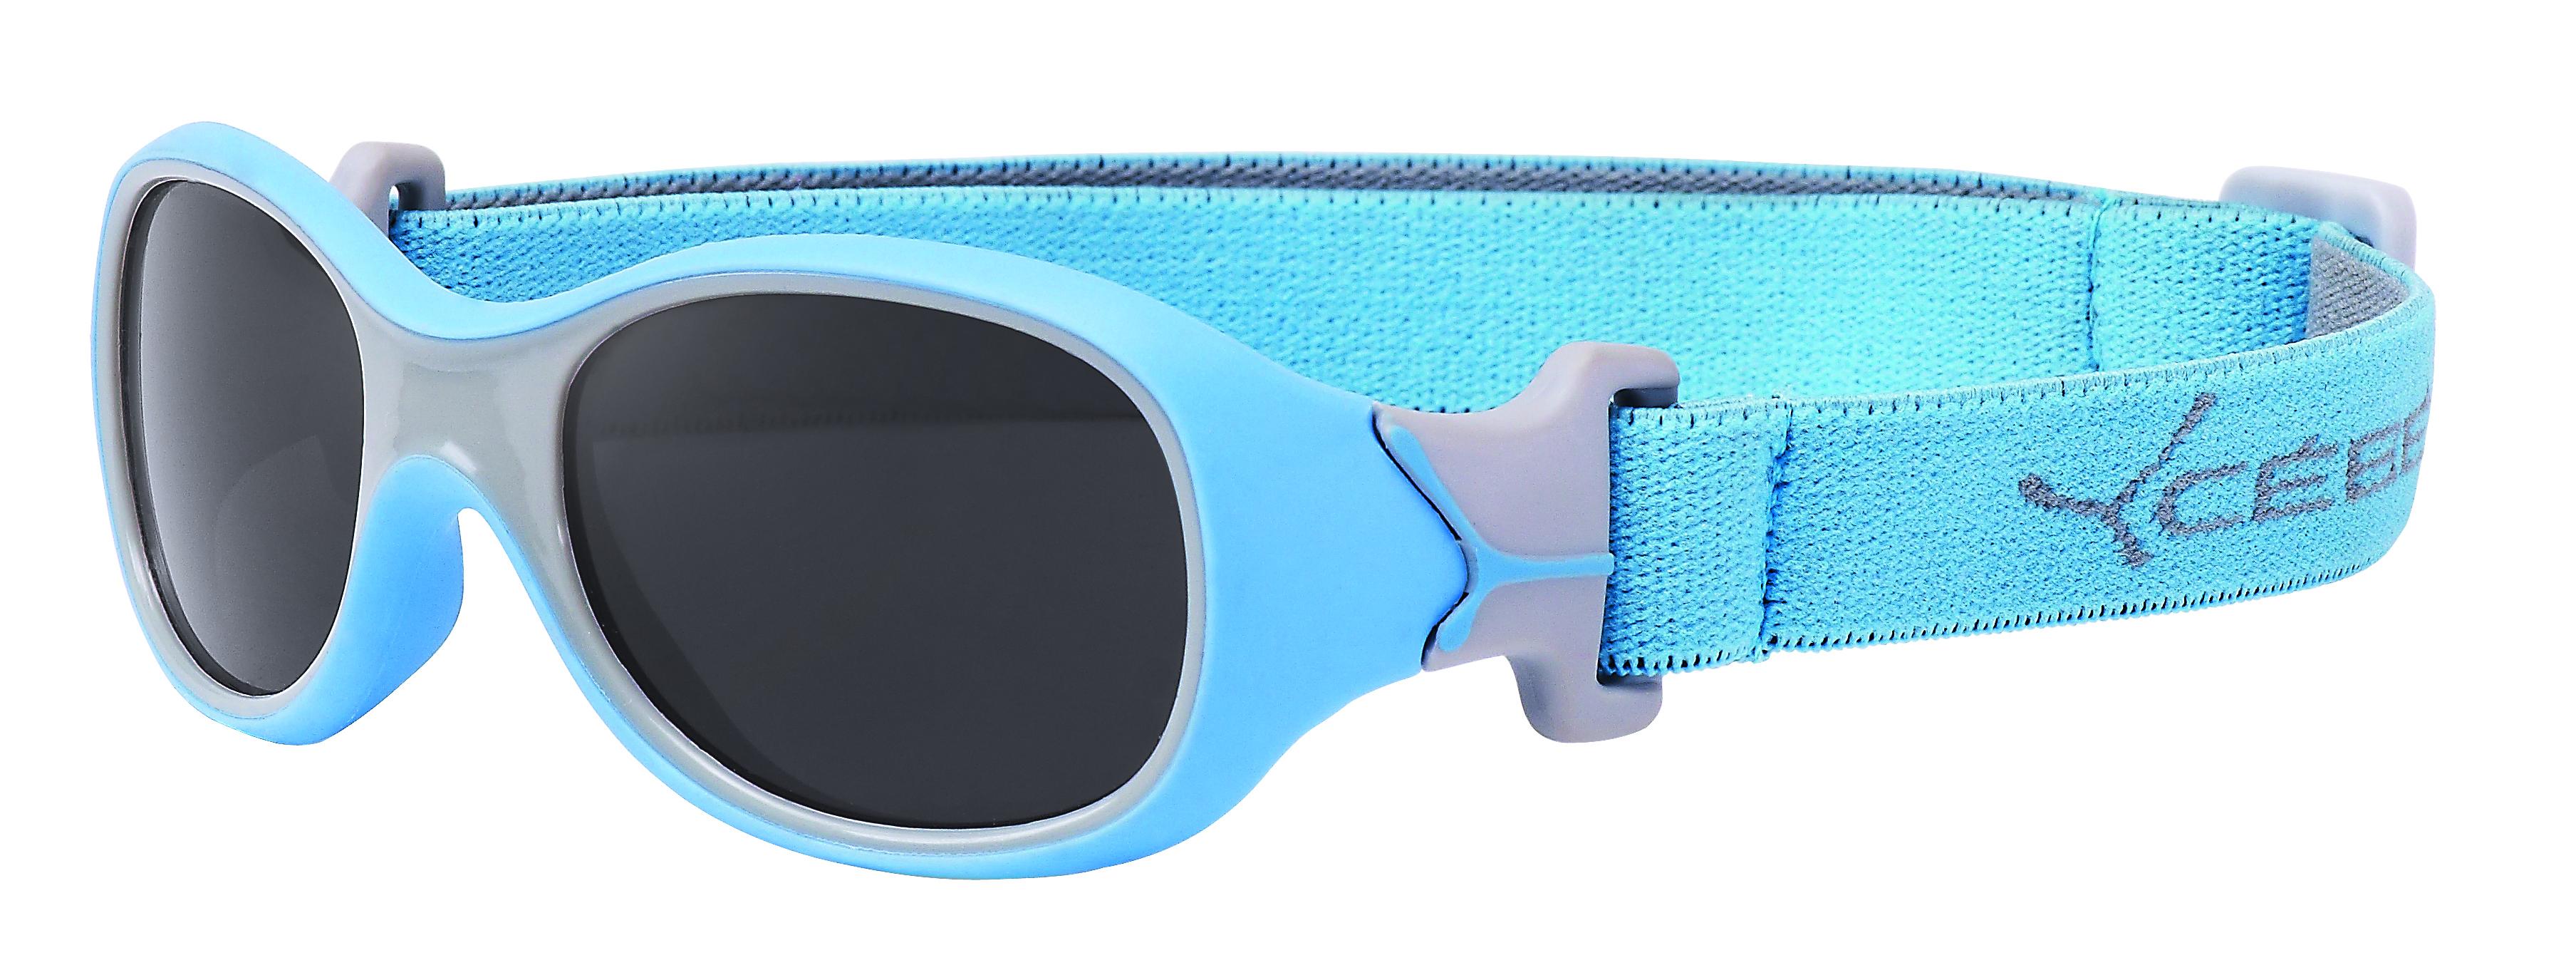 Blaue Sportbrille